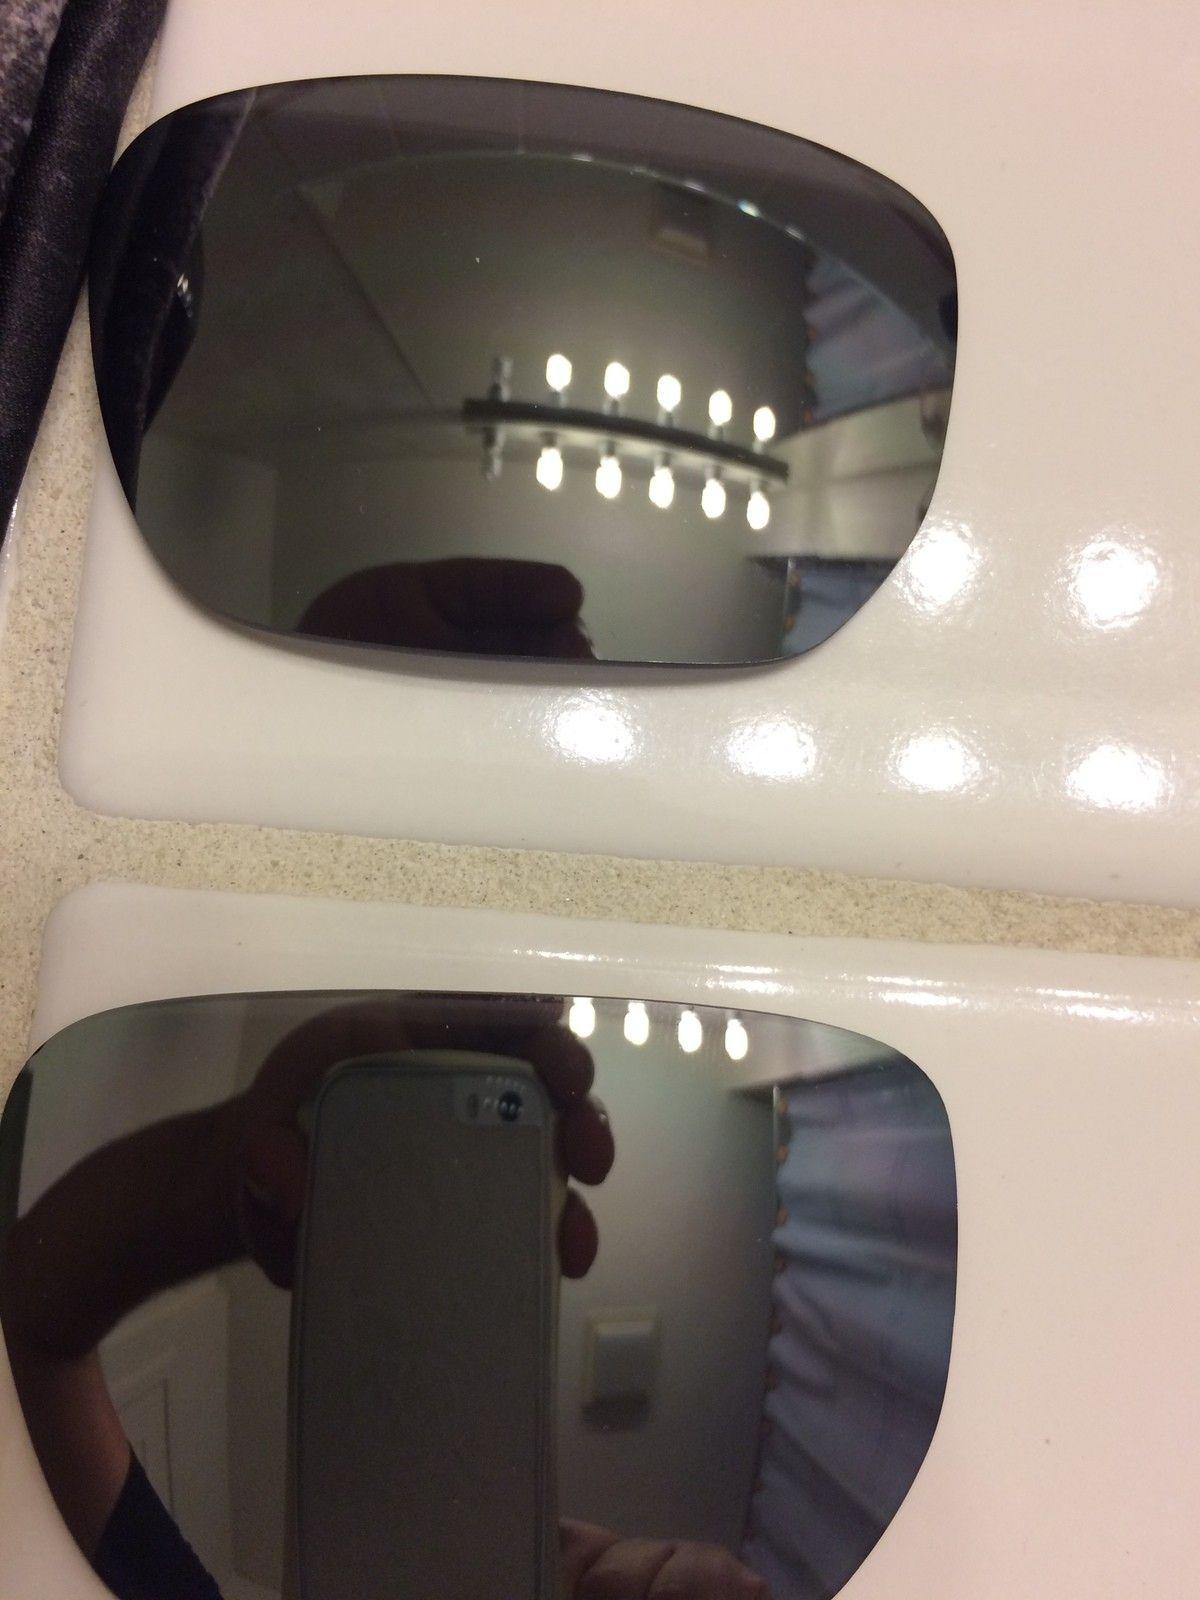 Style Switch - multiple lenses - under $40 - 2015-05-29 19.42.07.jpg